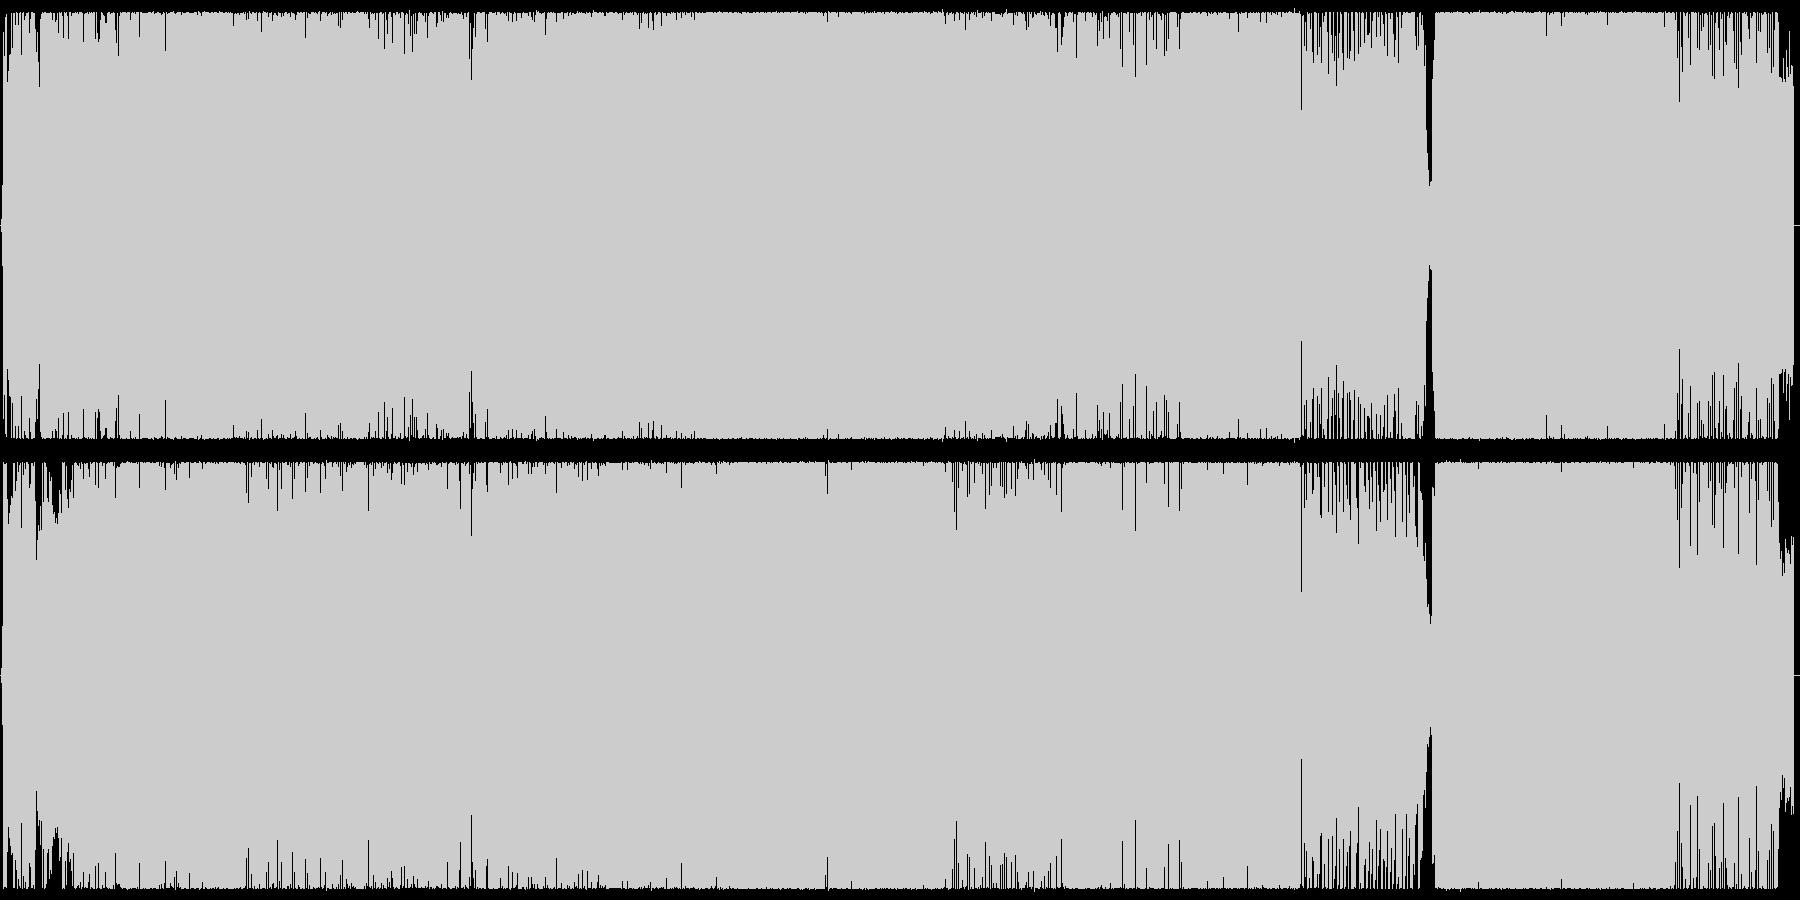 ツインボーカルのオルタナティブロックの未再生の波形